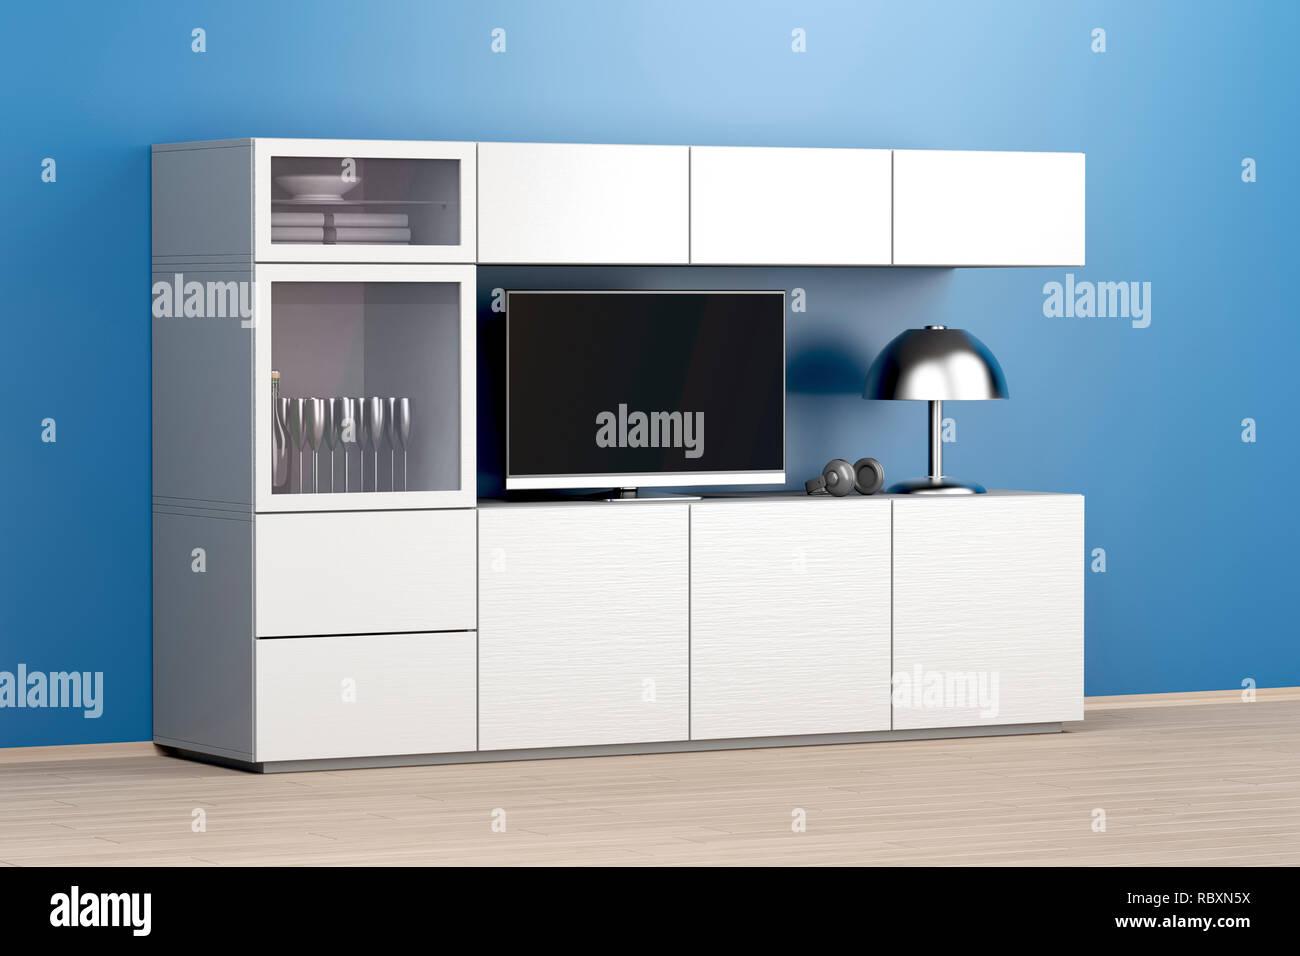 Lcd-TV auf weißen großen TV-Schrank im Wohnzimmer Stockfoto, Bild ...